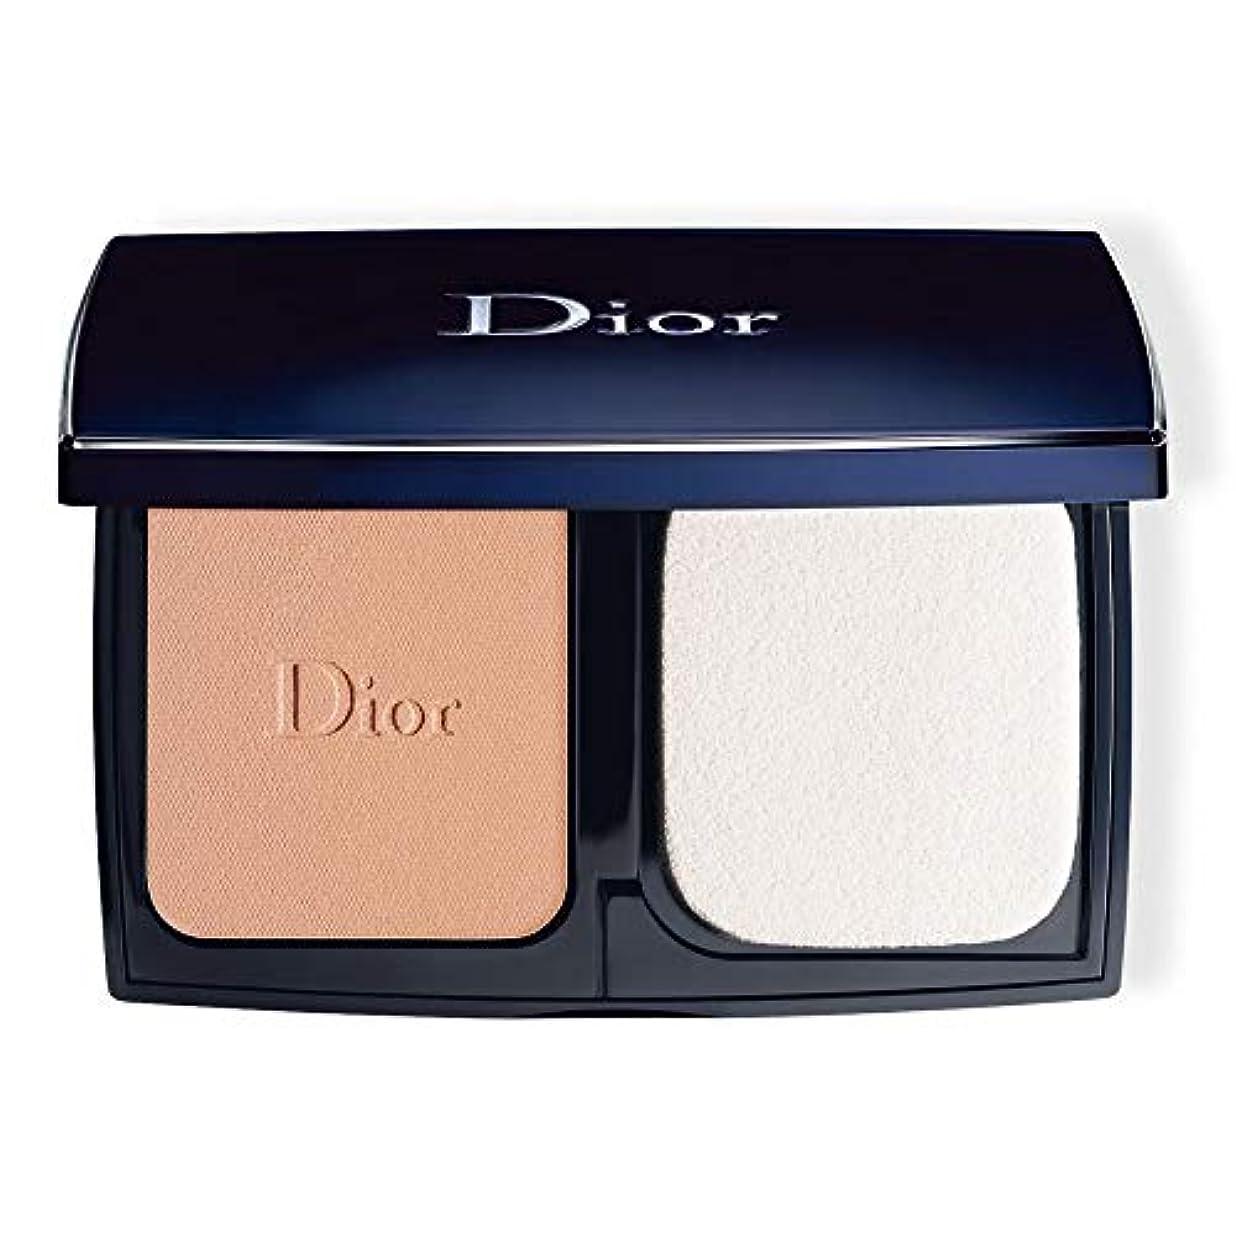 現在システム剣クリスチャンディオール Diorskin Forever Extreme Control Perfect Matte Powder Makeup SPF 20 - # 032 Rosy Beige 9g/0.31oz並行輸入品